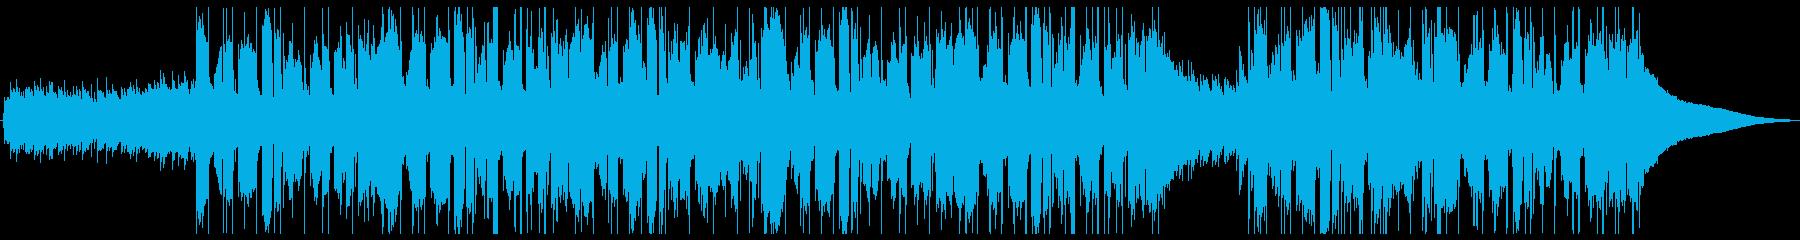 実験的 ロック ポストロック ポッ...の再生済みの波形